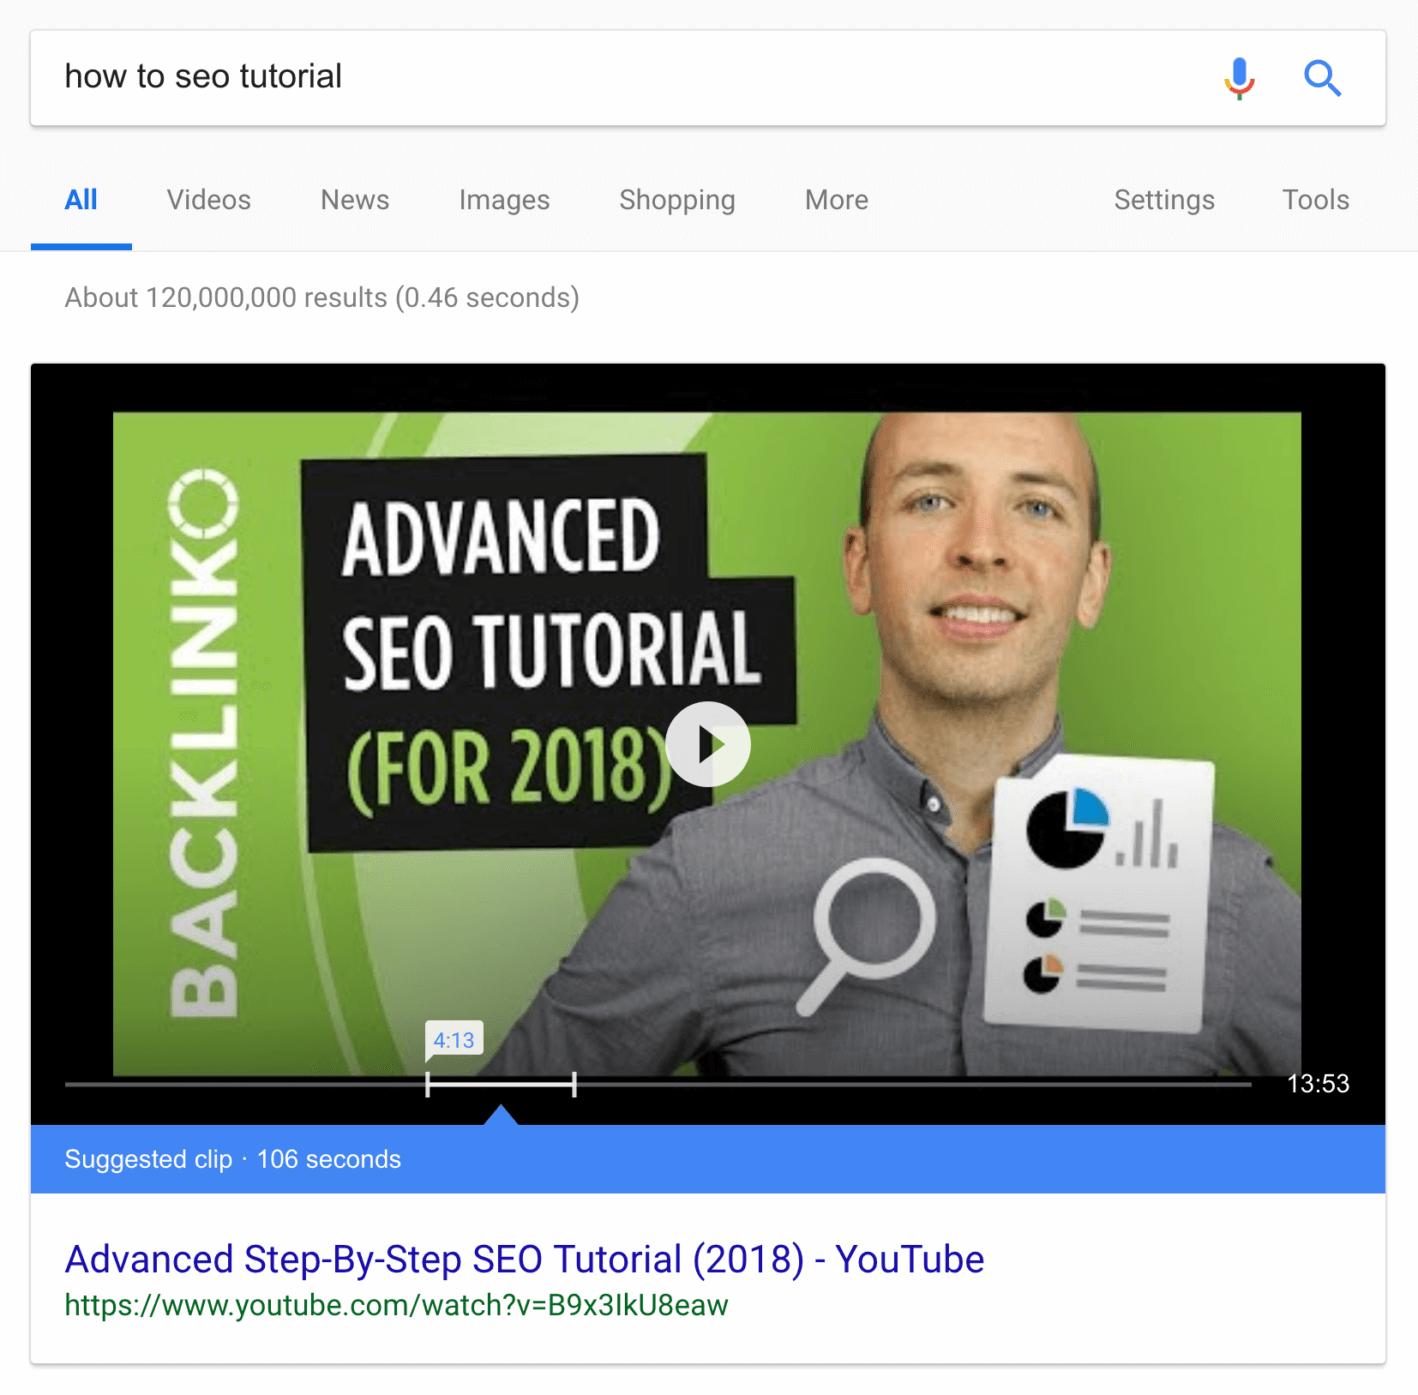 видео в блоке быстрых ответов гугл